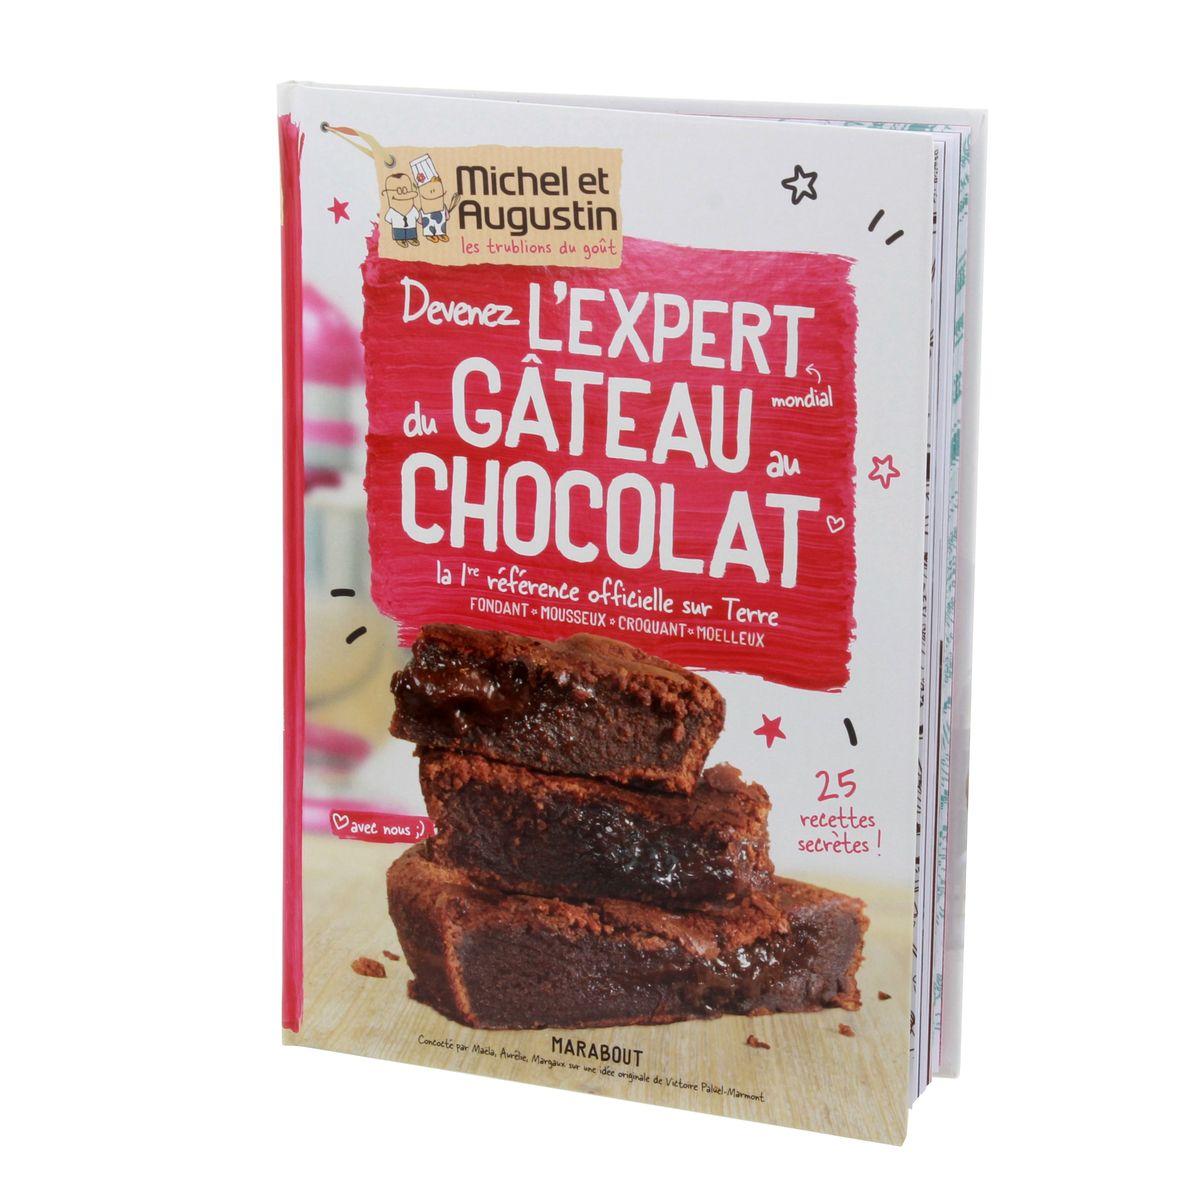 Devenez l'expert mondial du gâteau au chocolat - Marabout